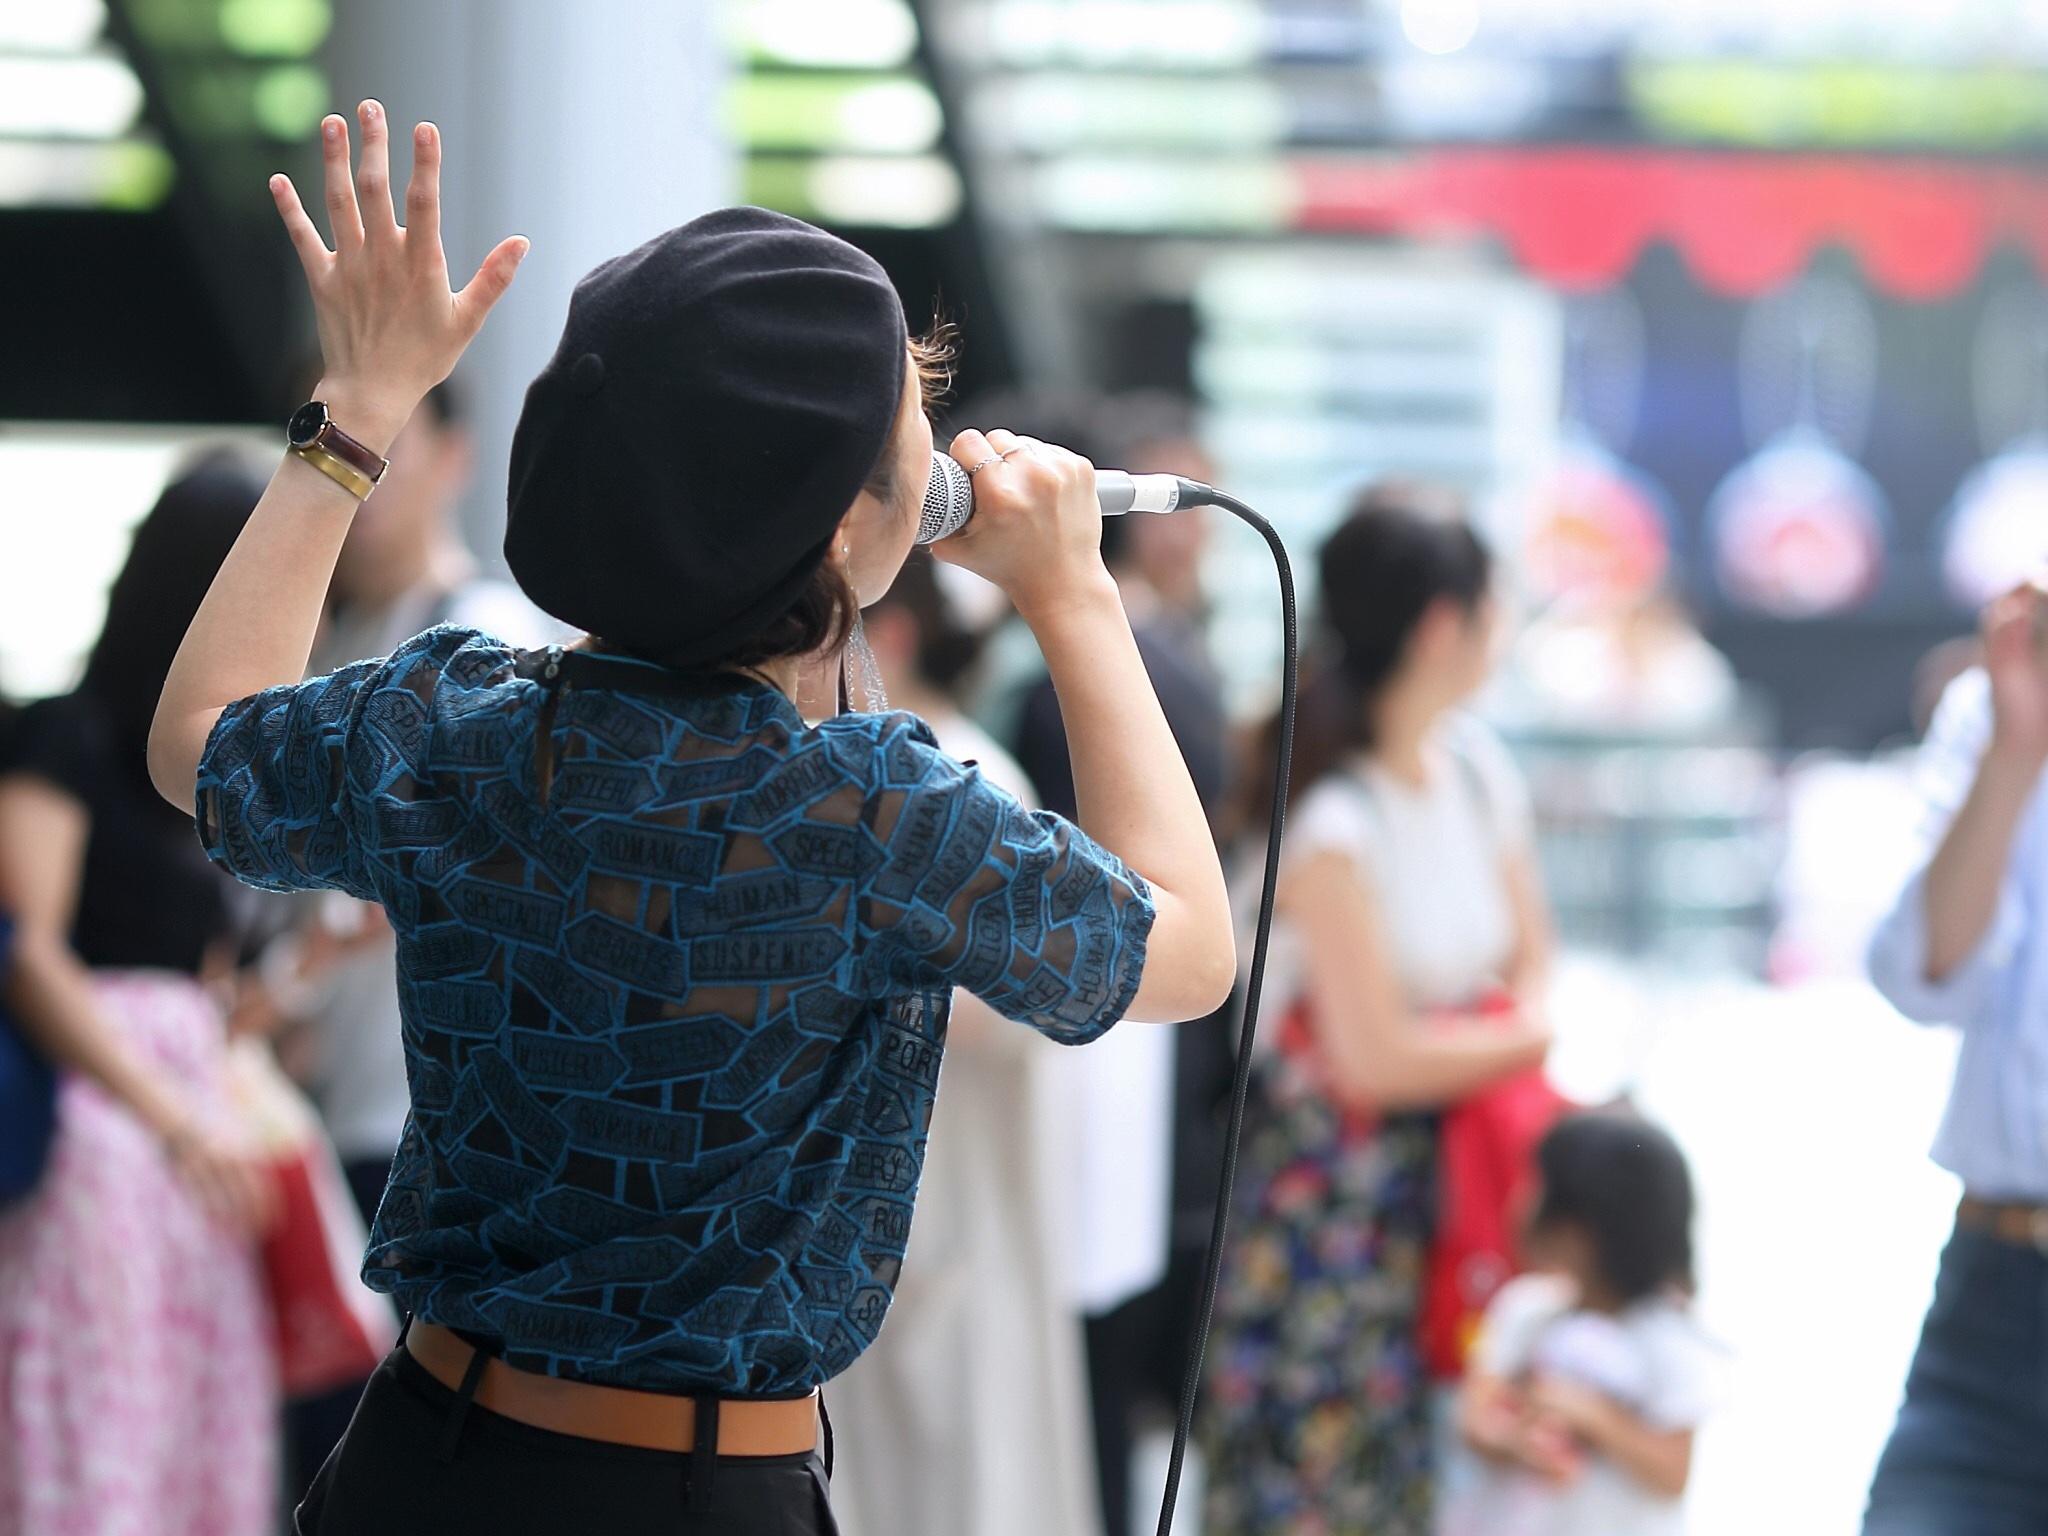 【夏服】暑い夏!ファッション楽しんでいますか?【コーディネート】_3